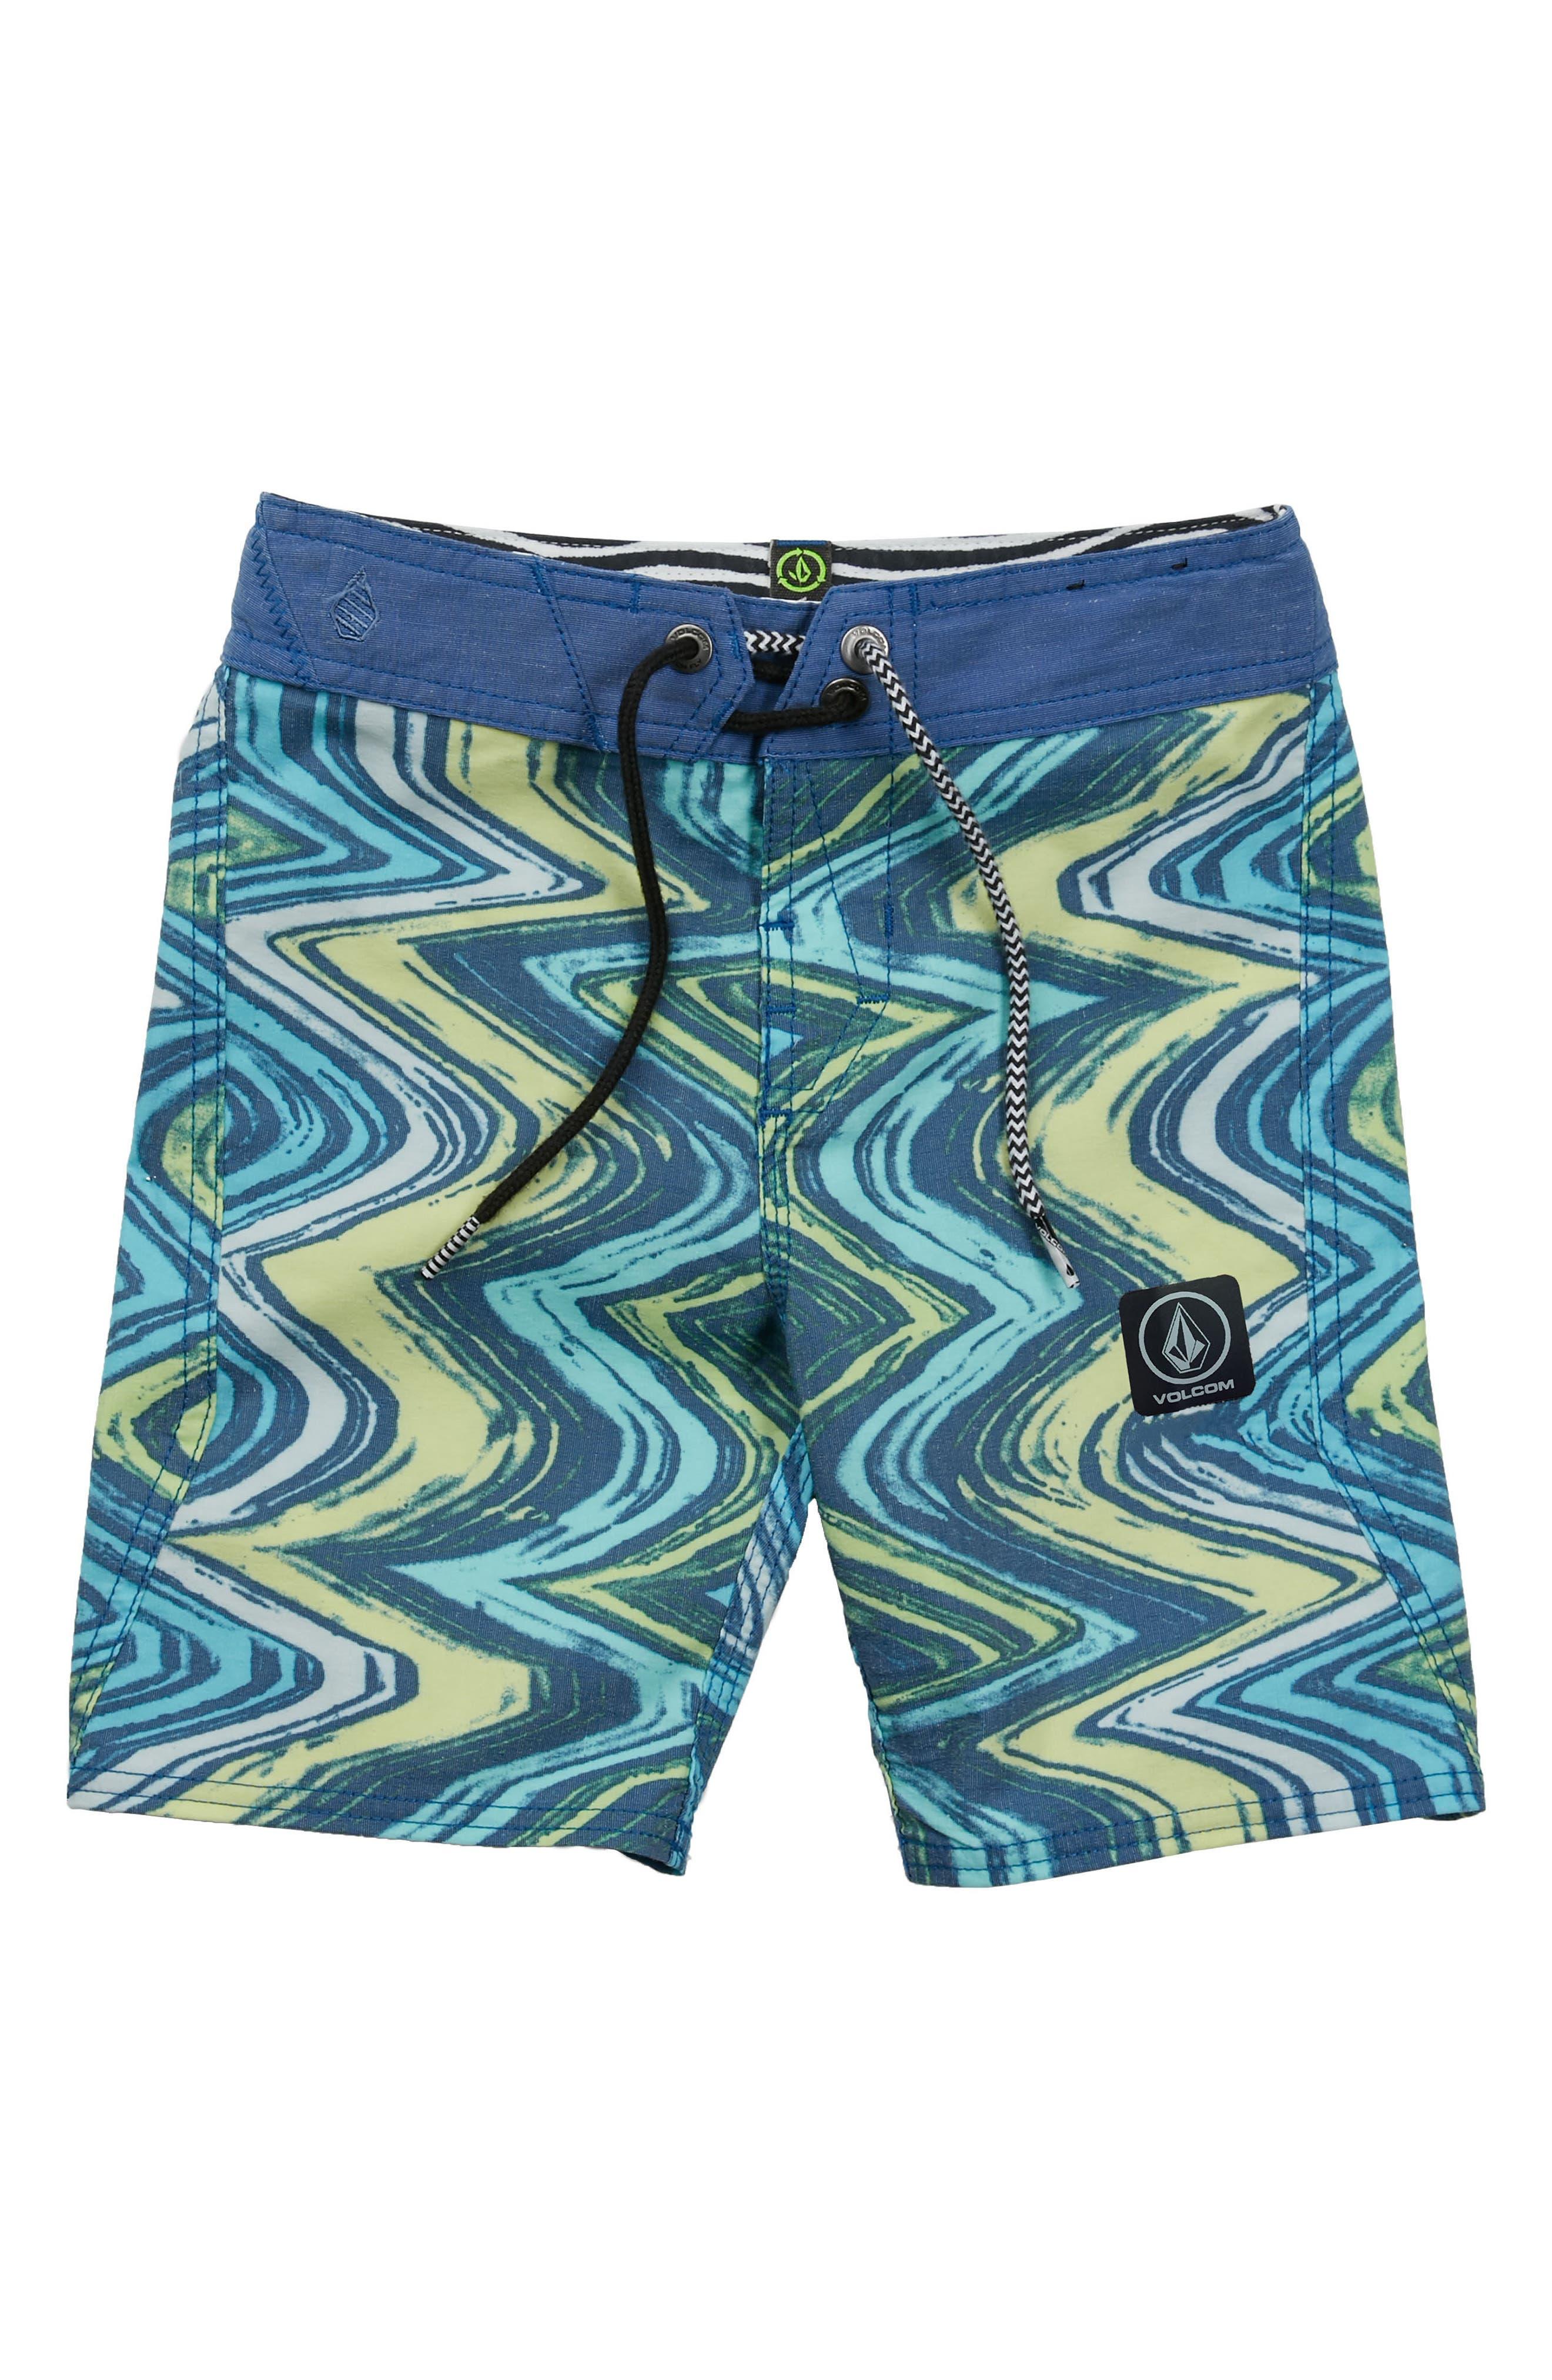 Lo-Fi Board Shorts,                         Main,                         color, Camper Blue